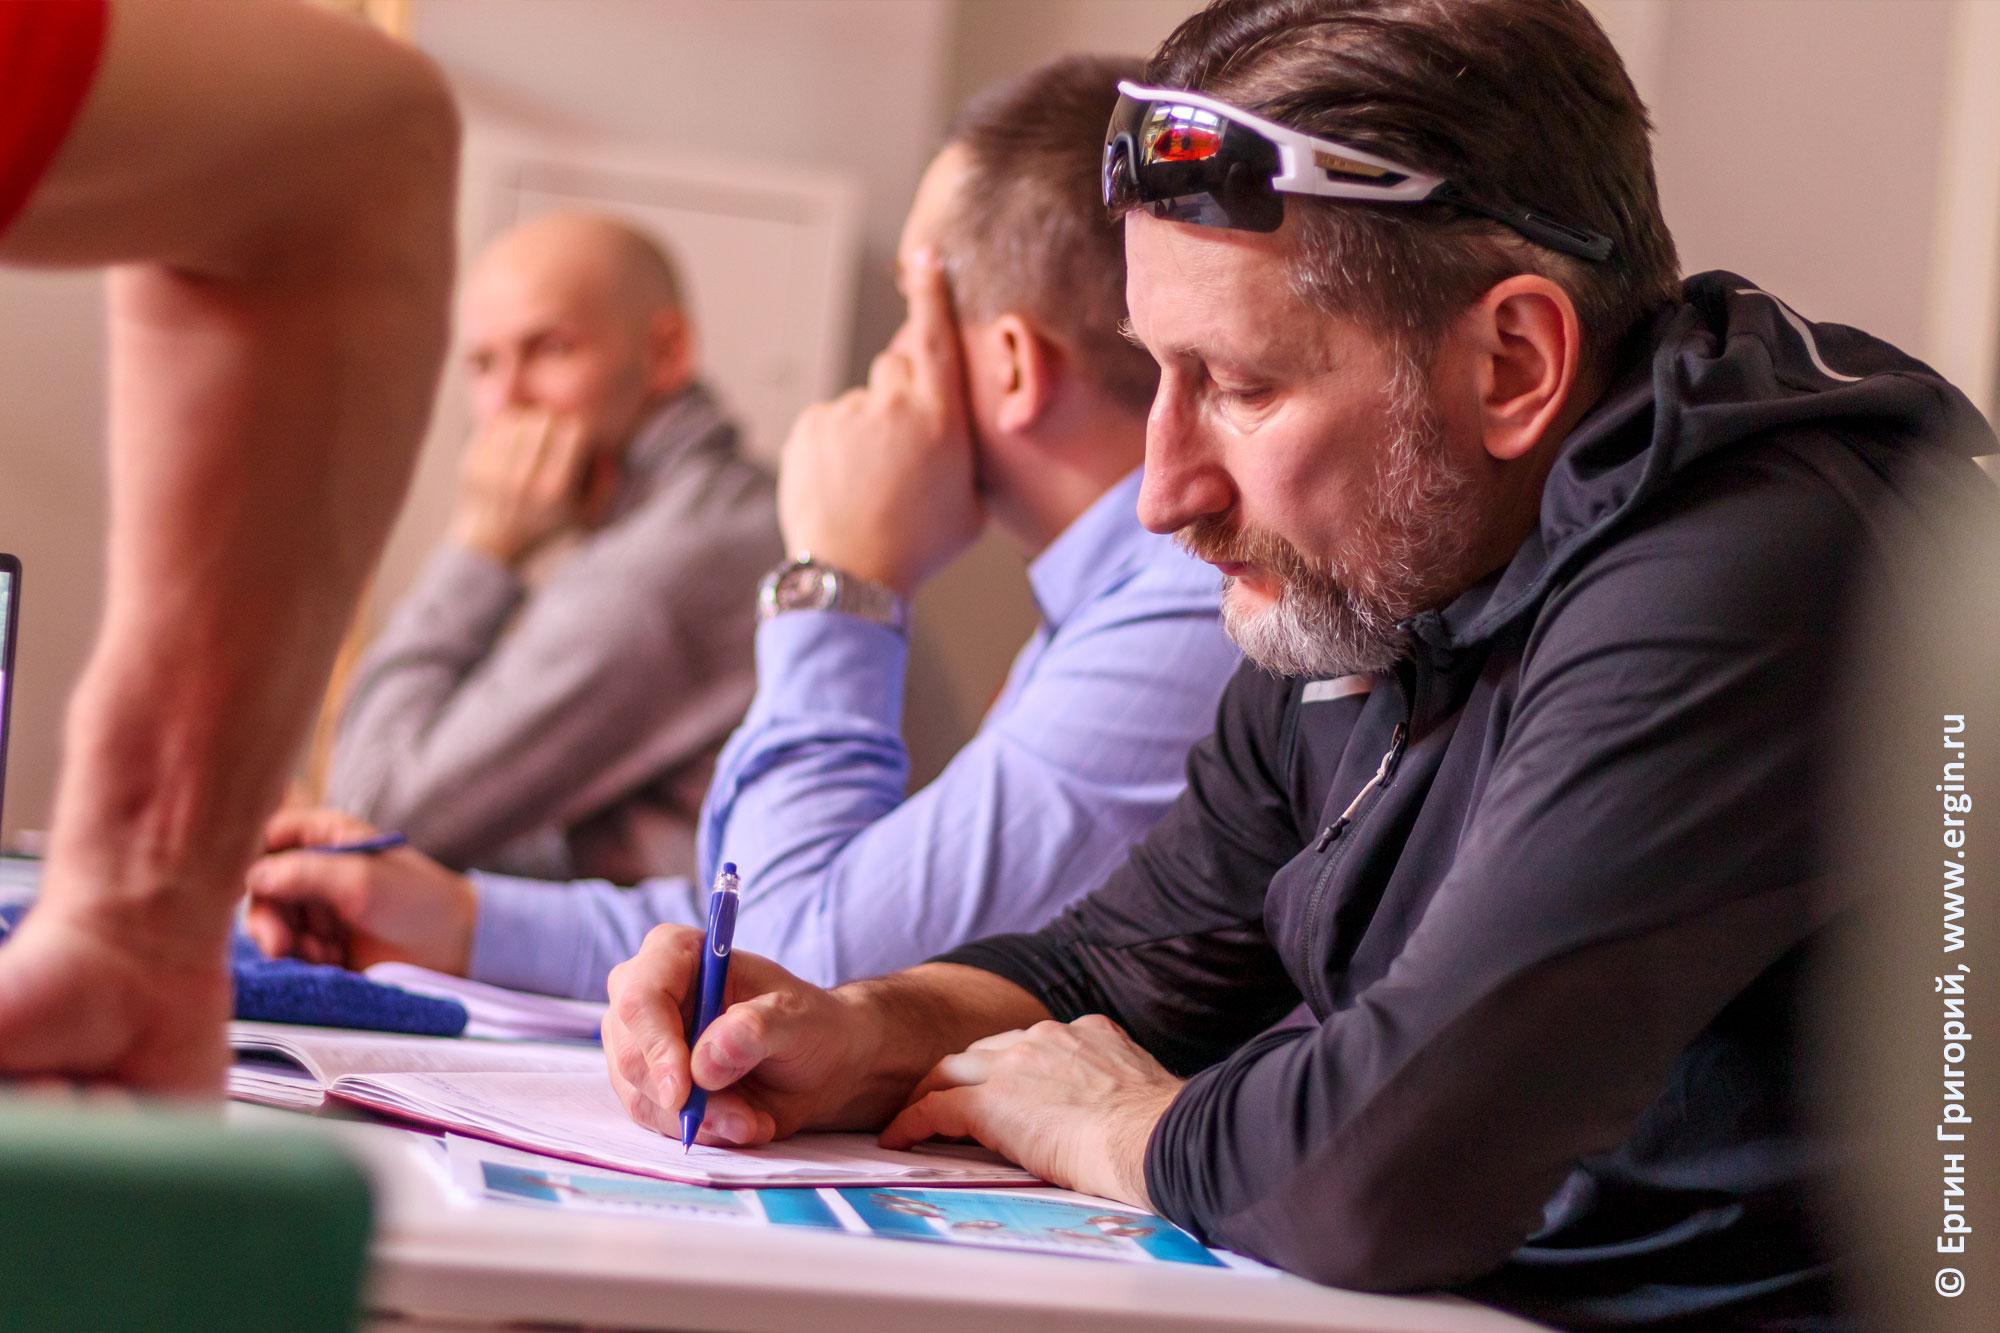 Конспектирование семинара по особенностям бурной воды